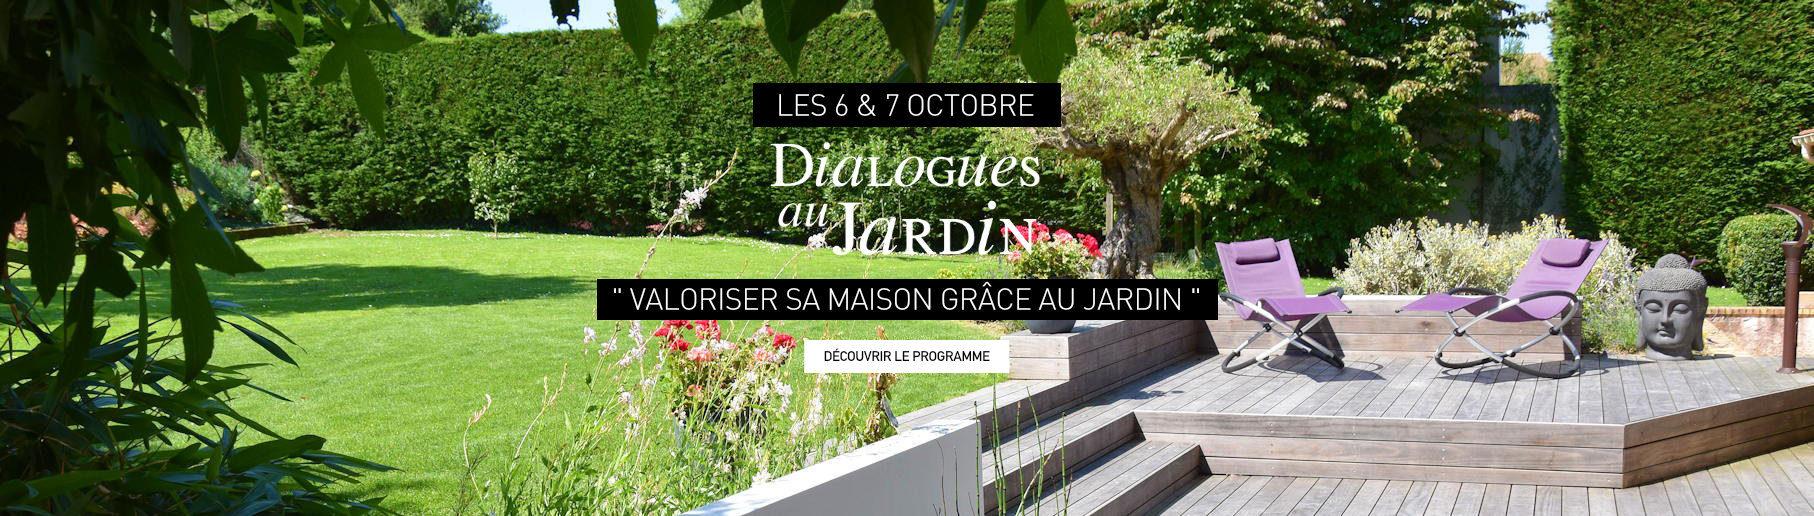 Dialogues au Jardin 2018